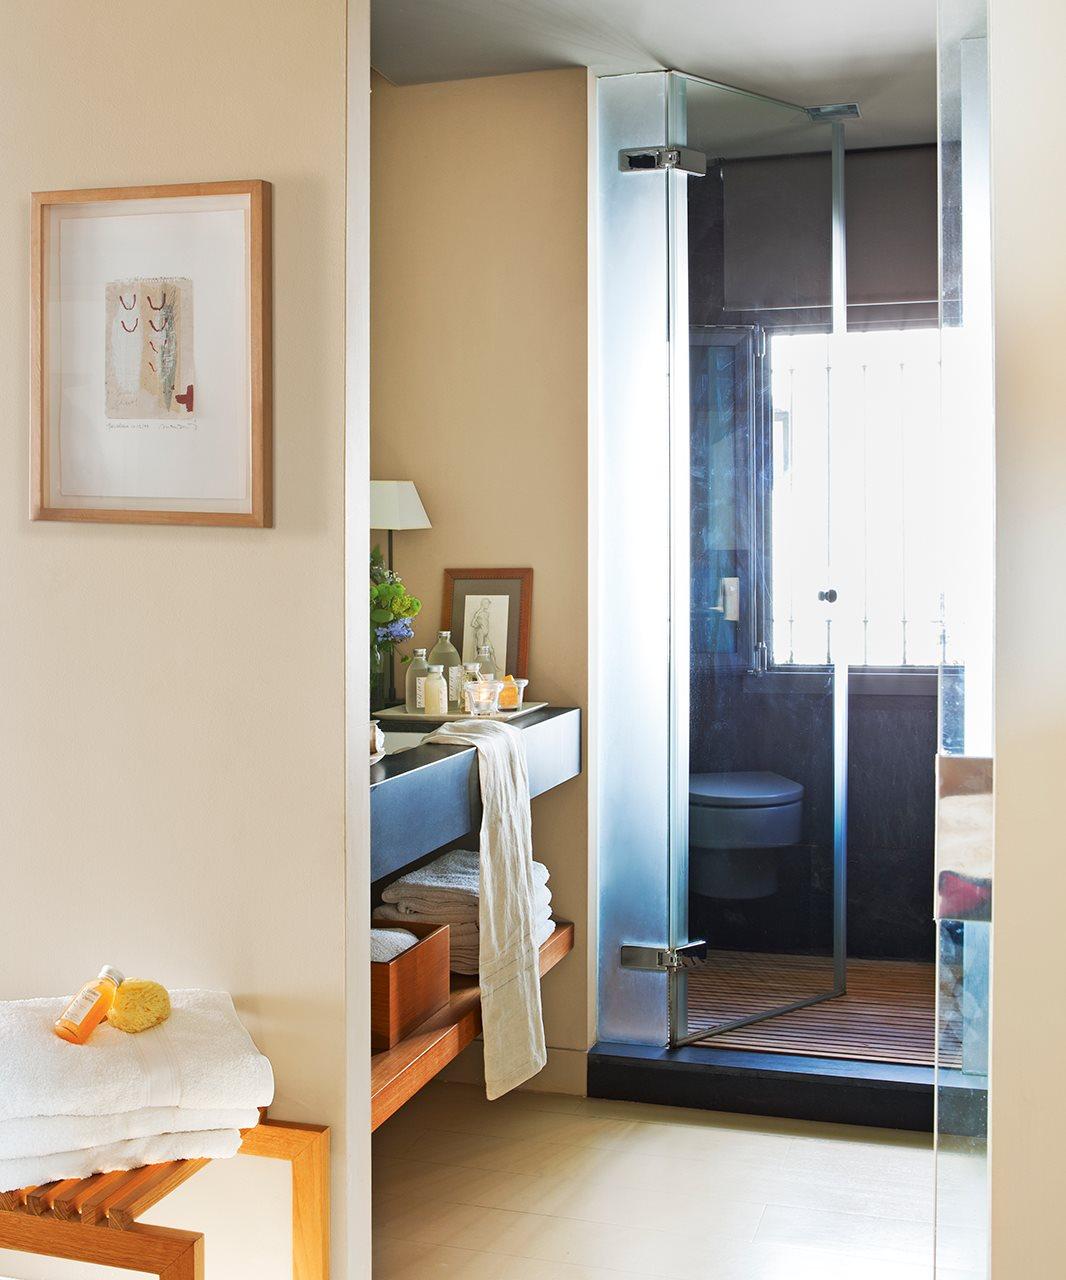 77 - El séptimo cielo: Una preciosa casa en Barcelona rehabilitada para mimar los sentidos